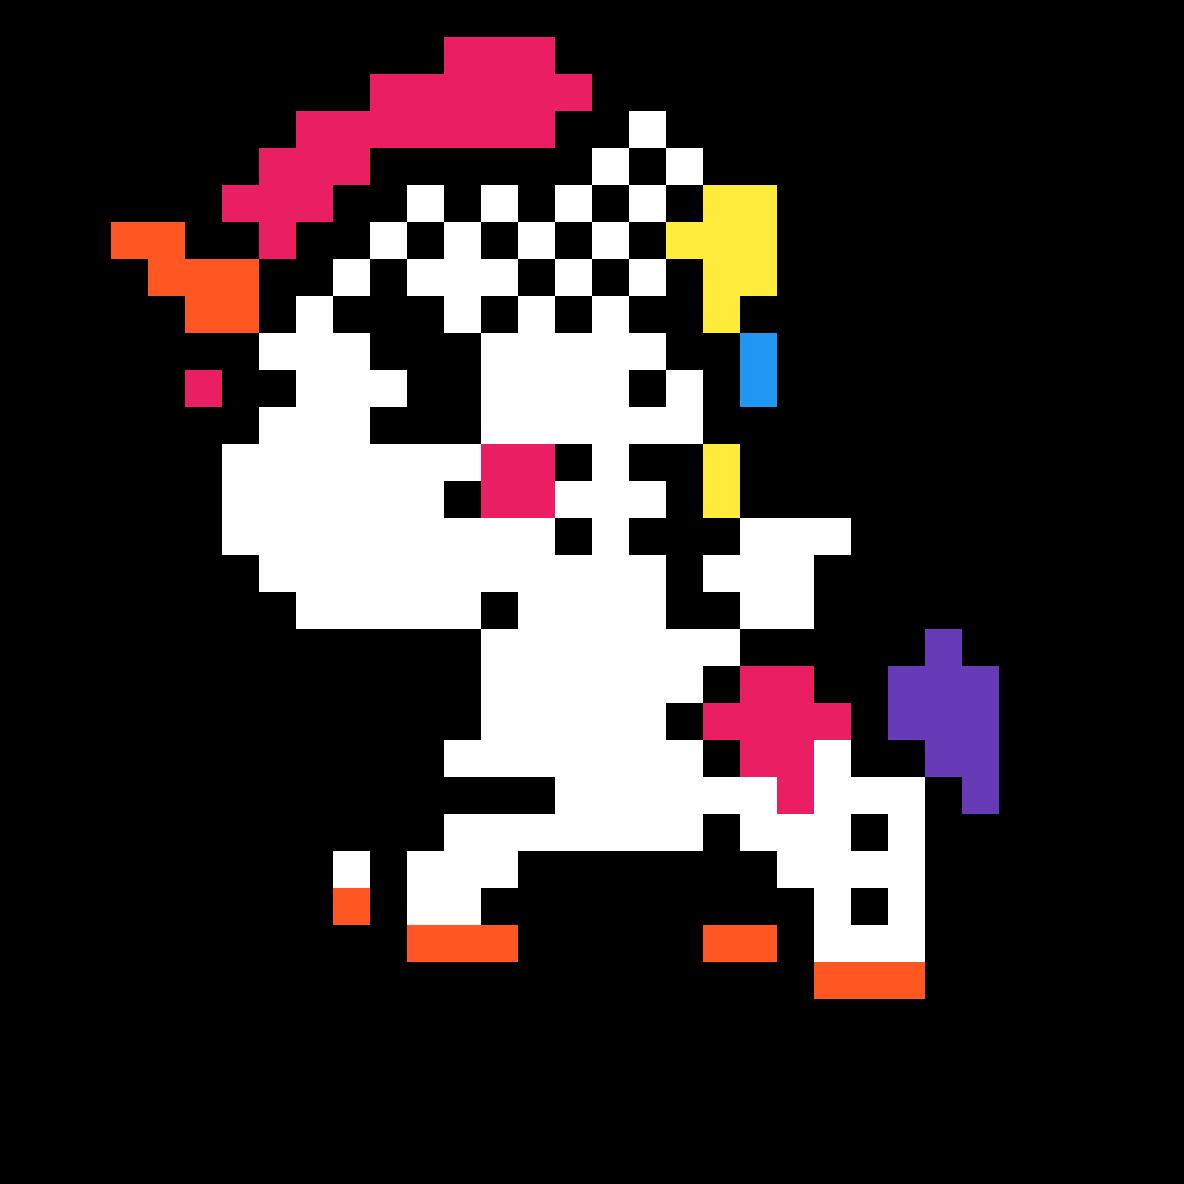 clipart freeuse download Pixel art Drawing tokidoki